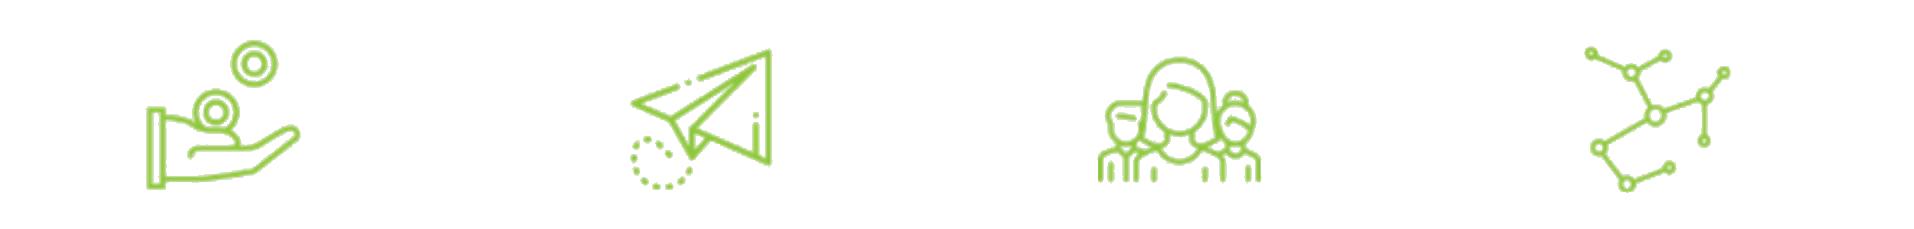 Lantegi 3